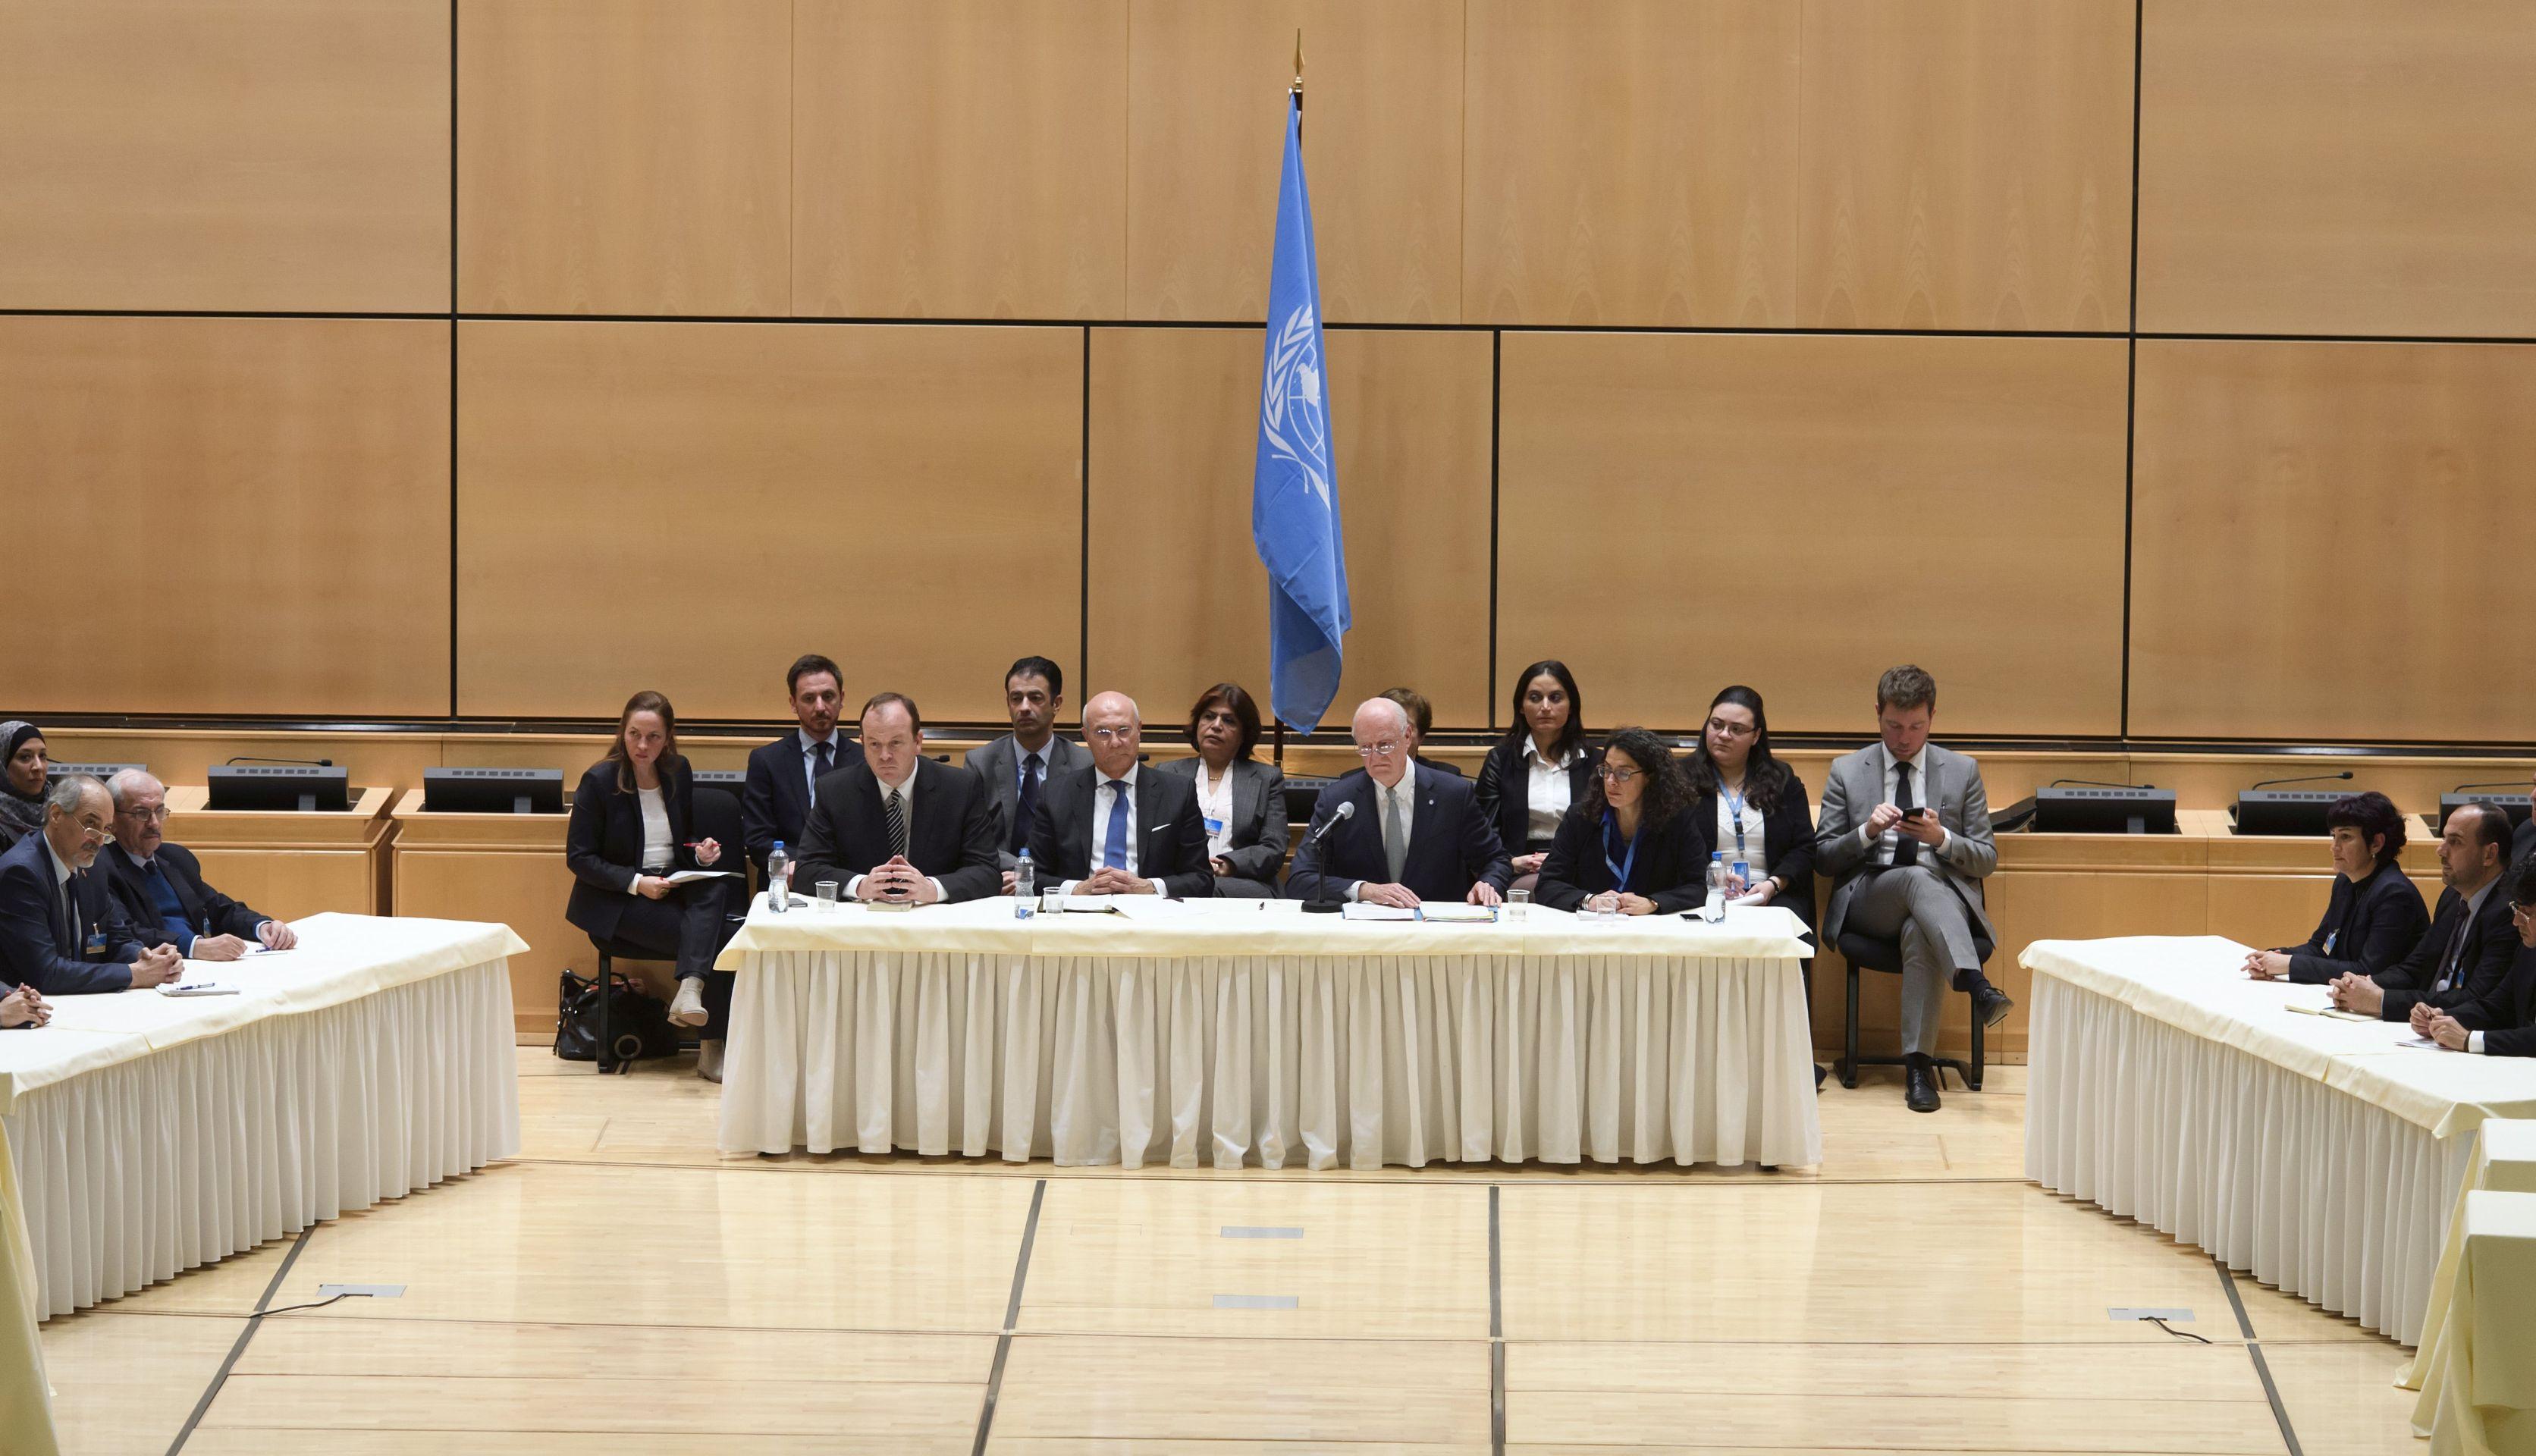 Sirijska vlada u Ženevi zahtijeva da oporba osudi napade na Homs